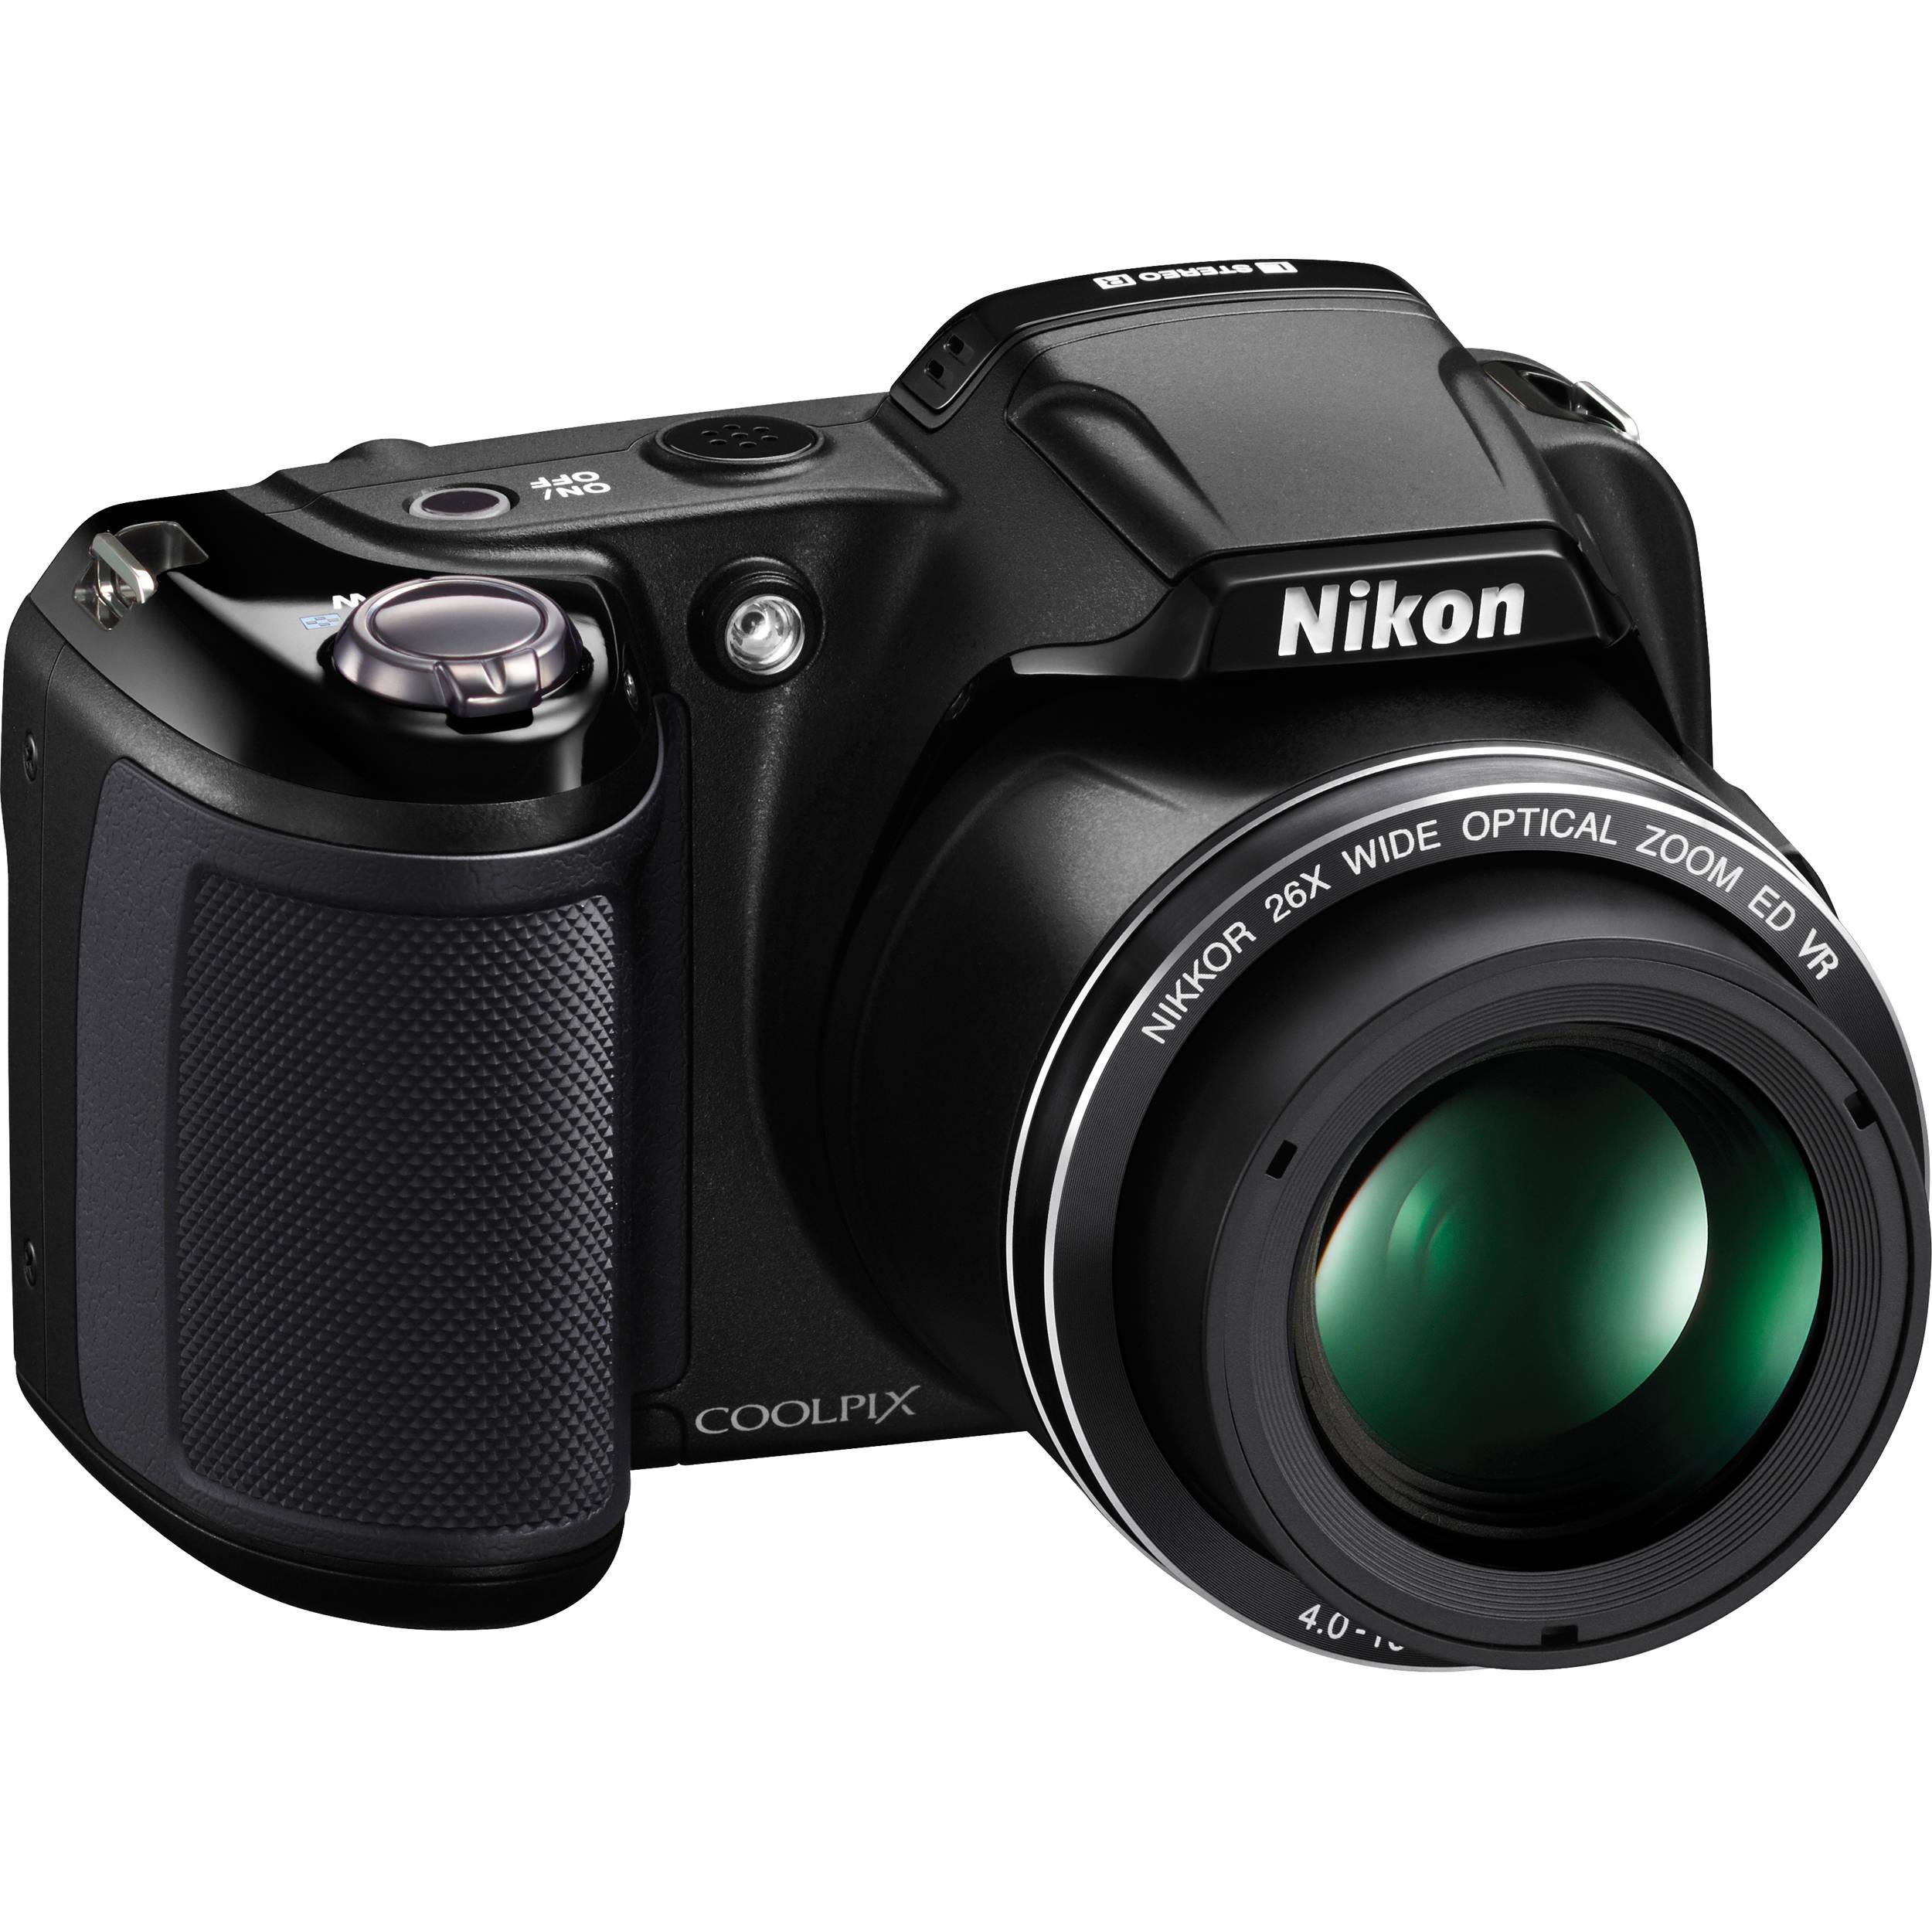 nikon coolpix l810 digital camera black 26294 b h photo video rh bhphotovideo com Nikon Coolpix L810 On Sale Nikon Coolpix L810 Manual